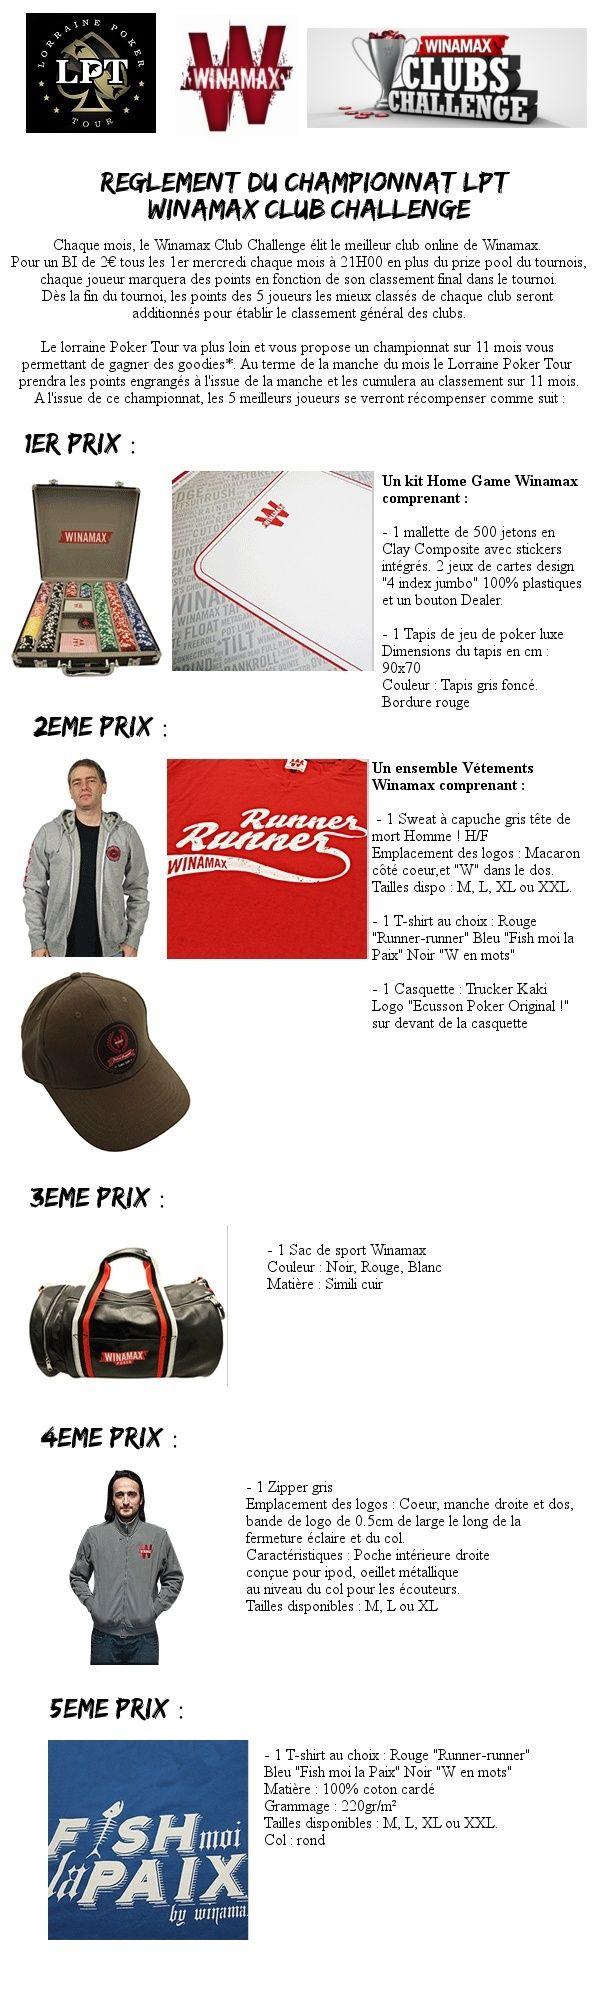 [Winamax Club Challenge] Le Championnat LPT - Page 2 Winama11